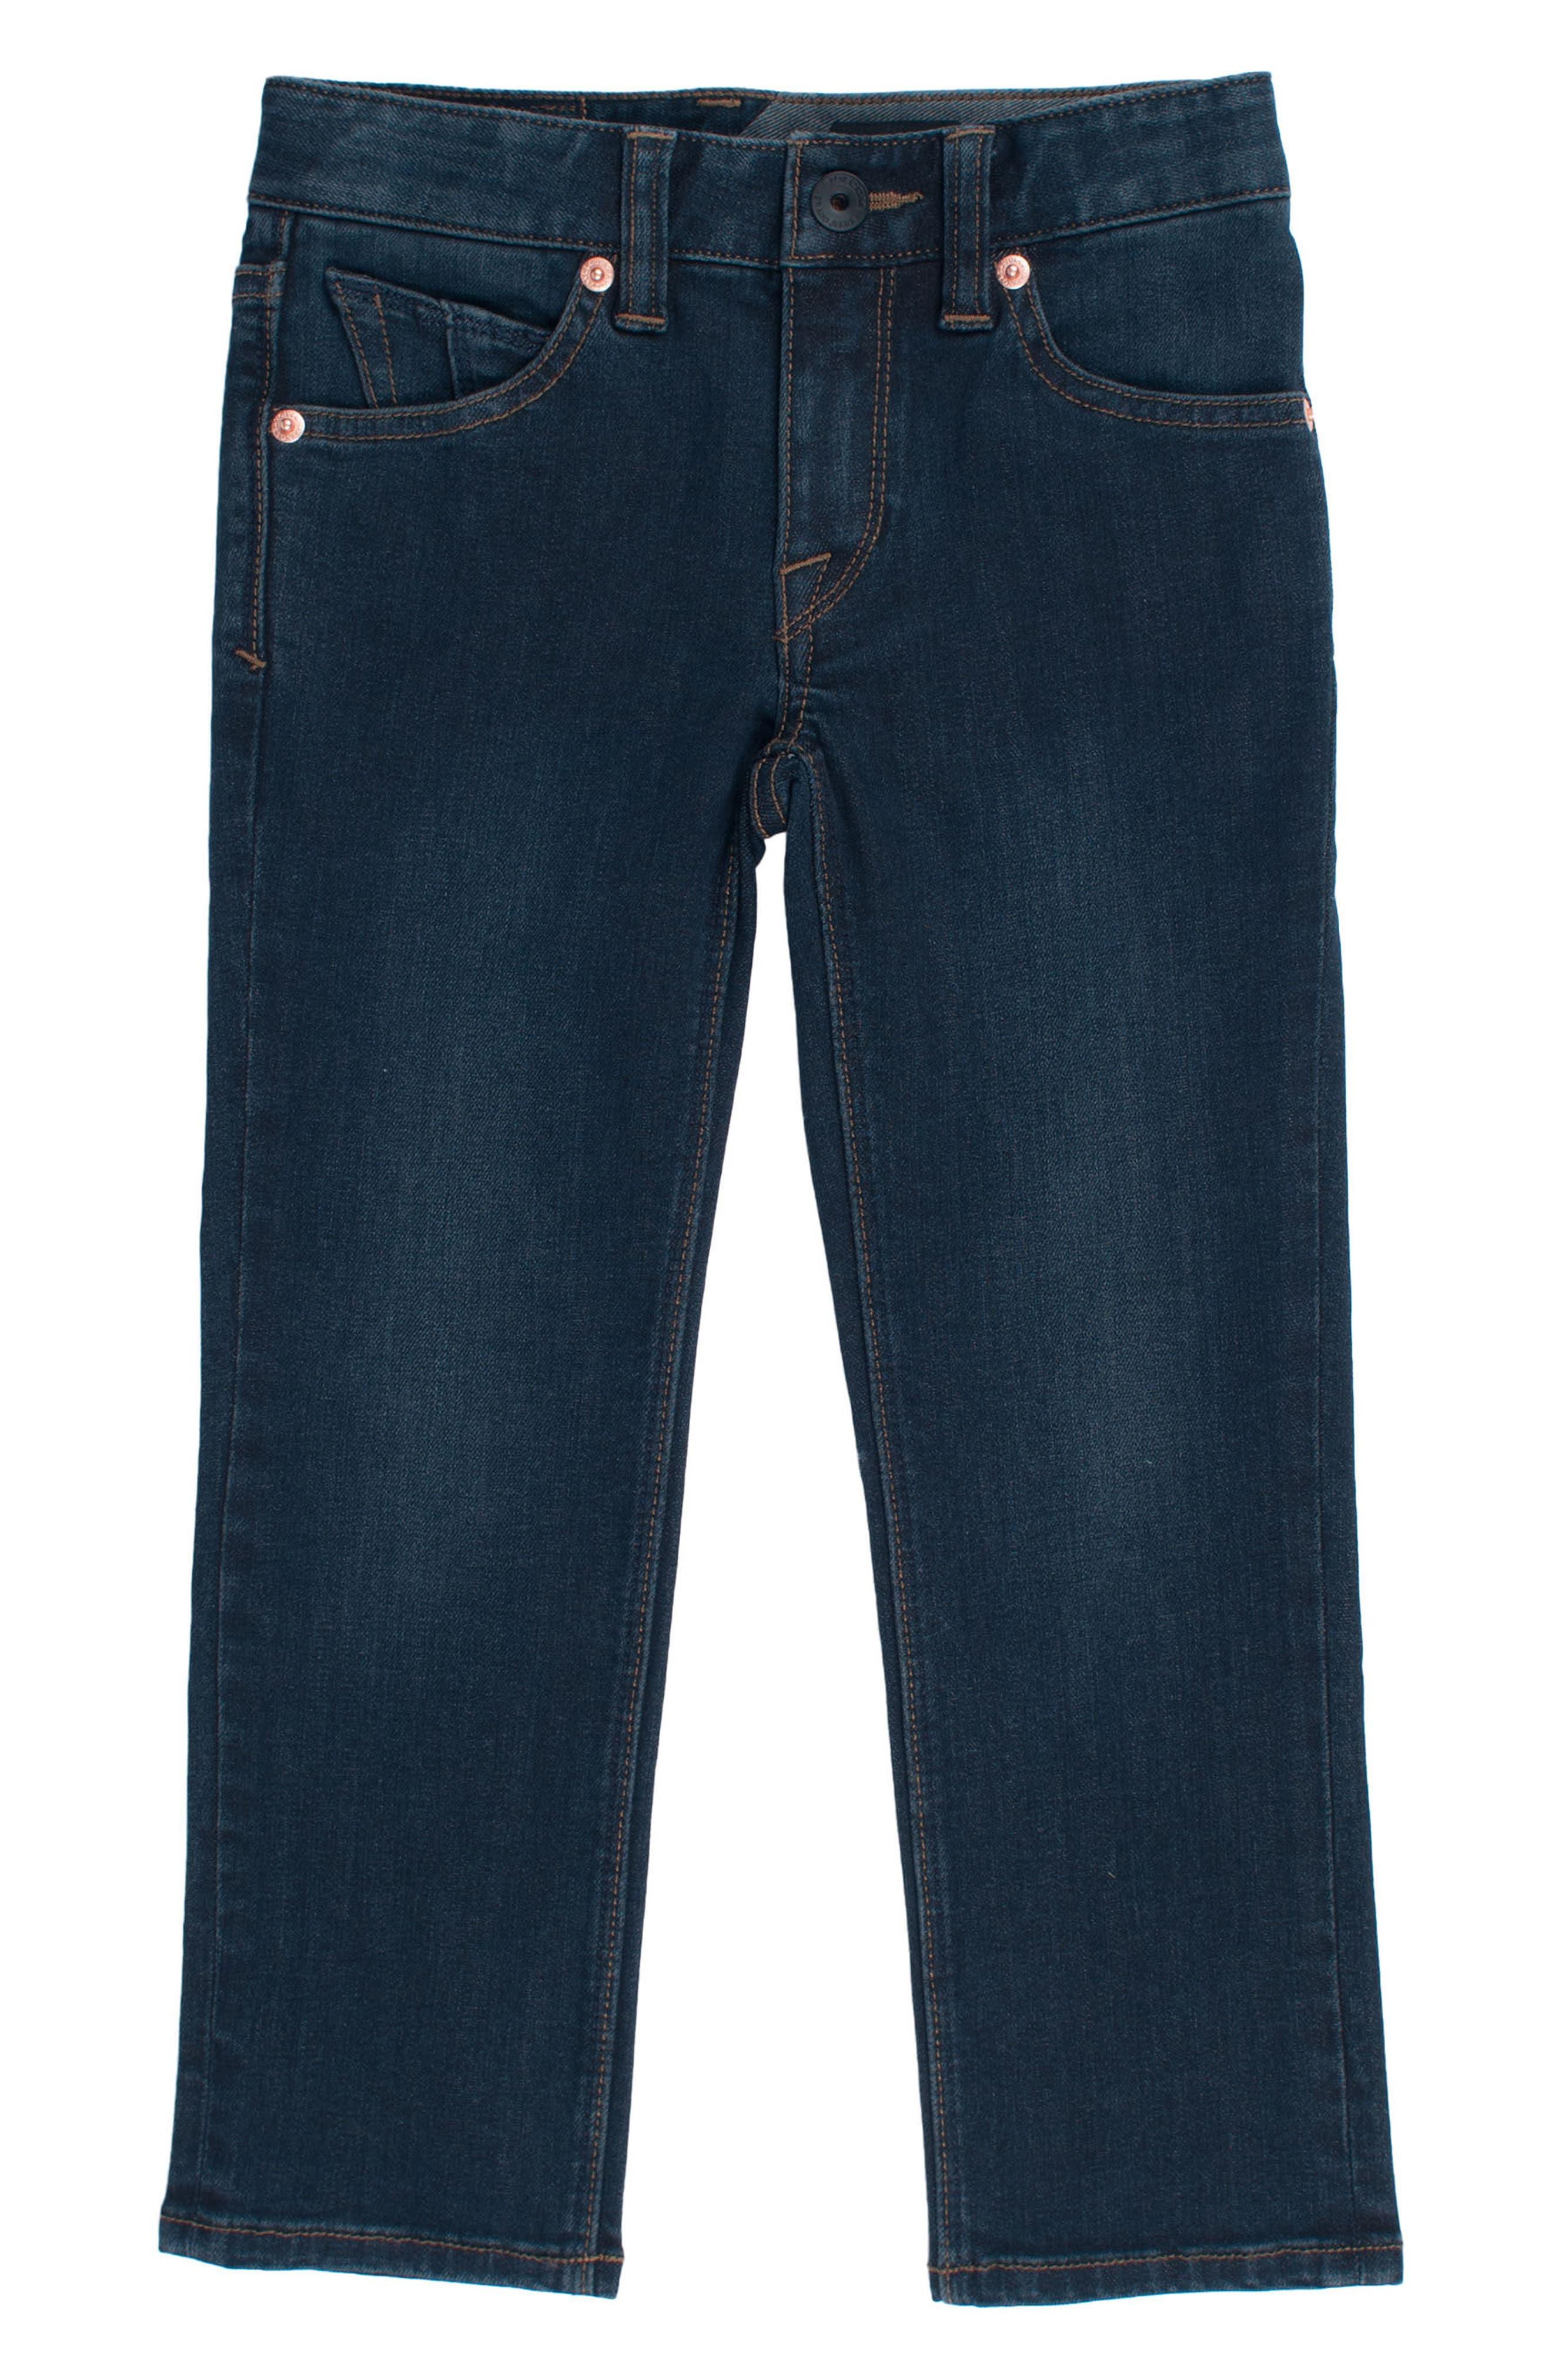 Vorta Slim Fit Jeans,                             Main thumbnail 1, color,                             Blue Rinser